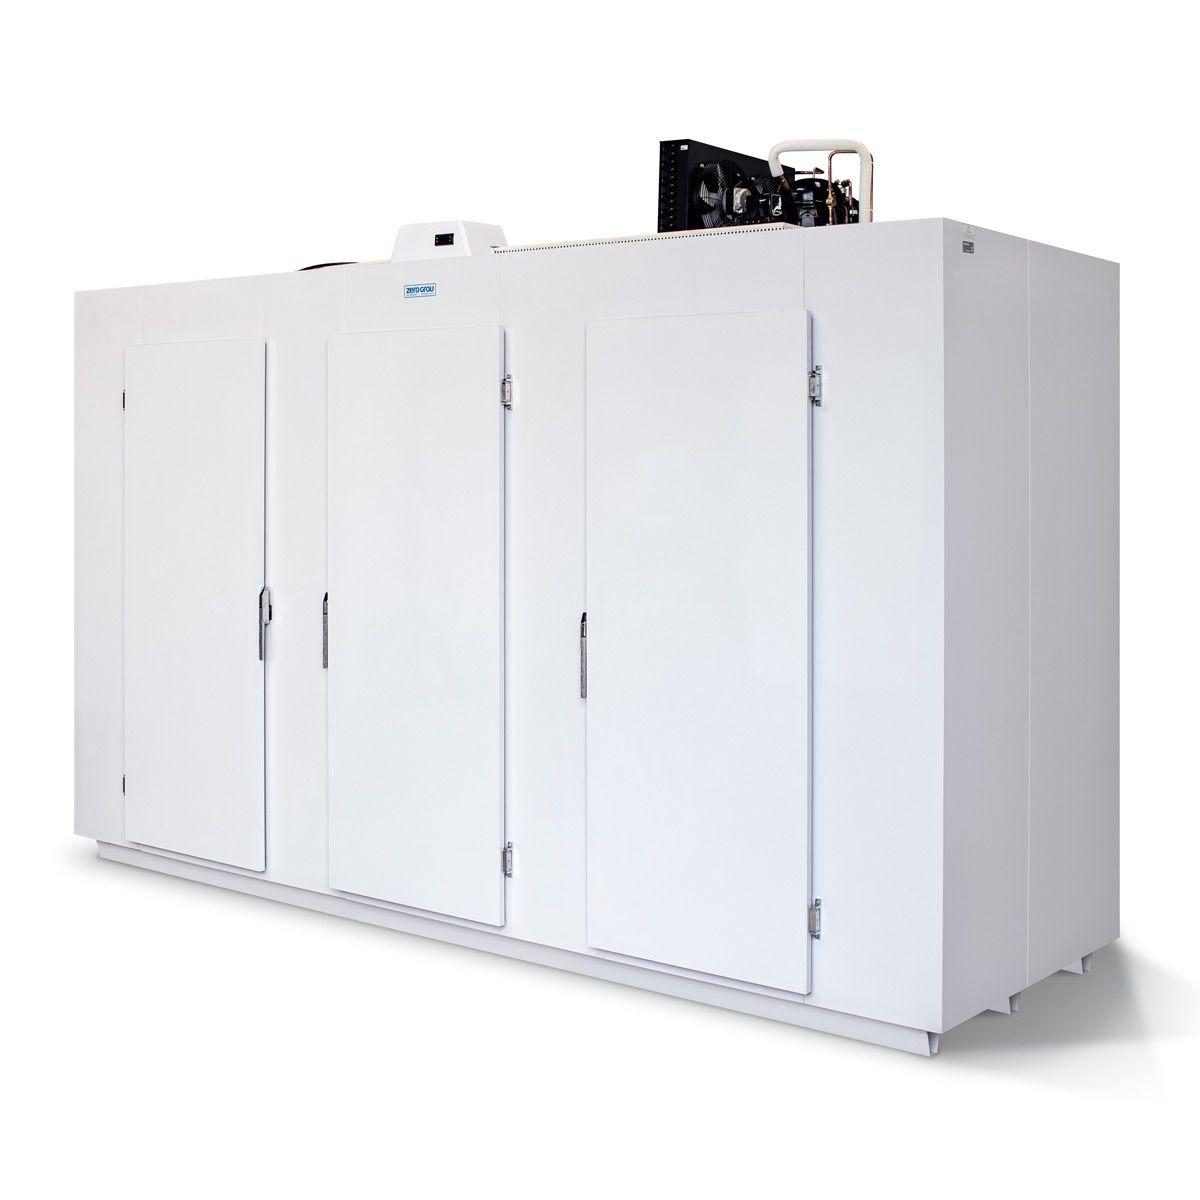 Minicâmara de Painéis Modulares 100 Caixas ou 6835 Litros para Congelados